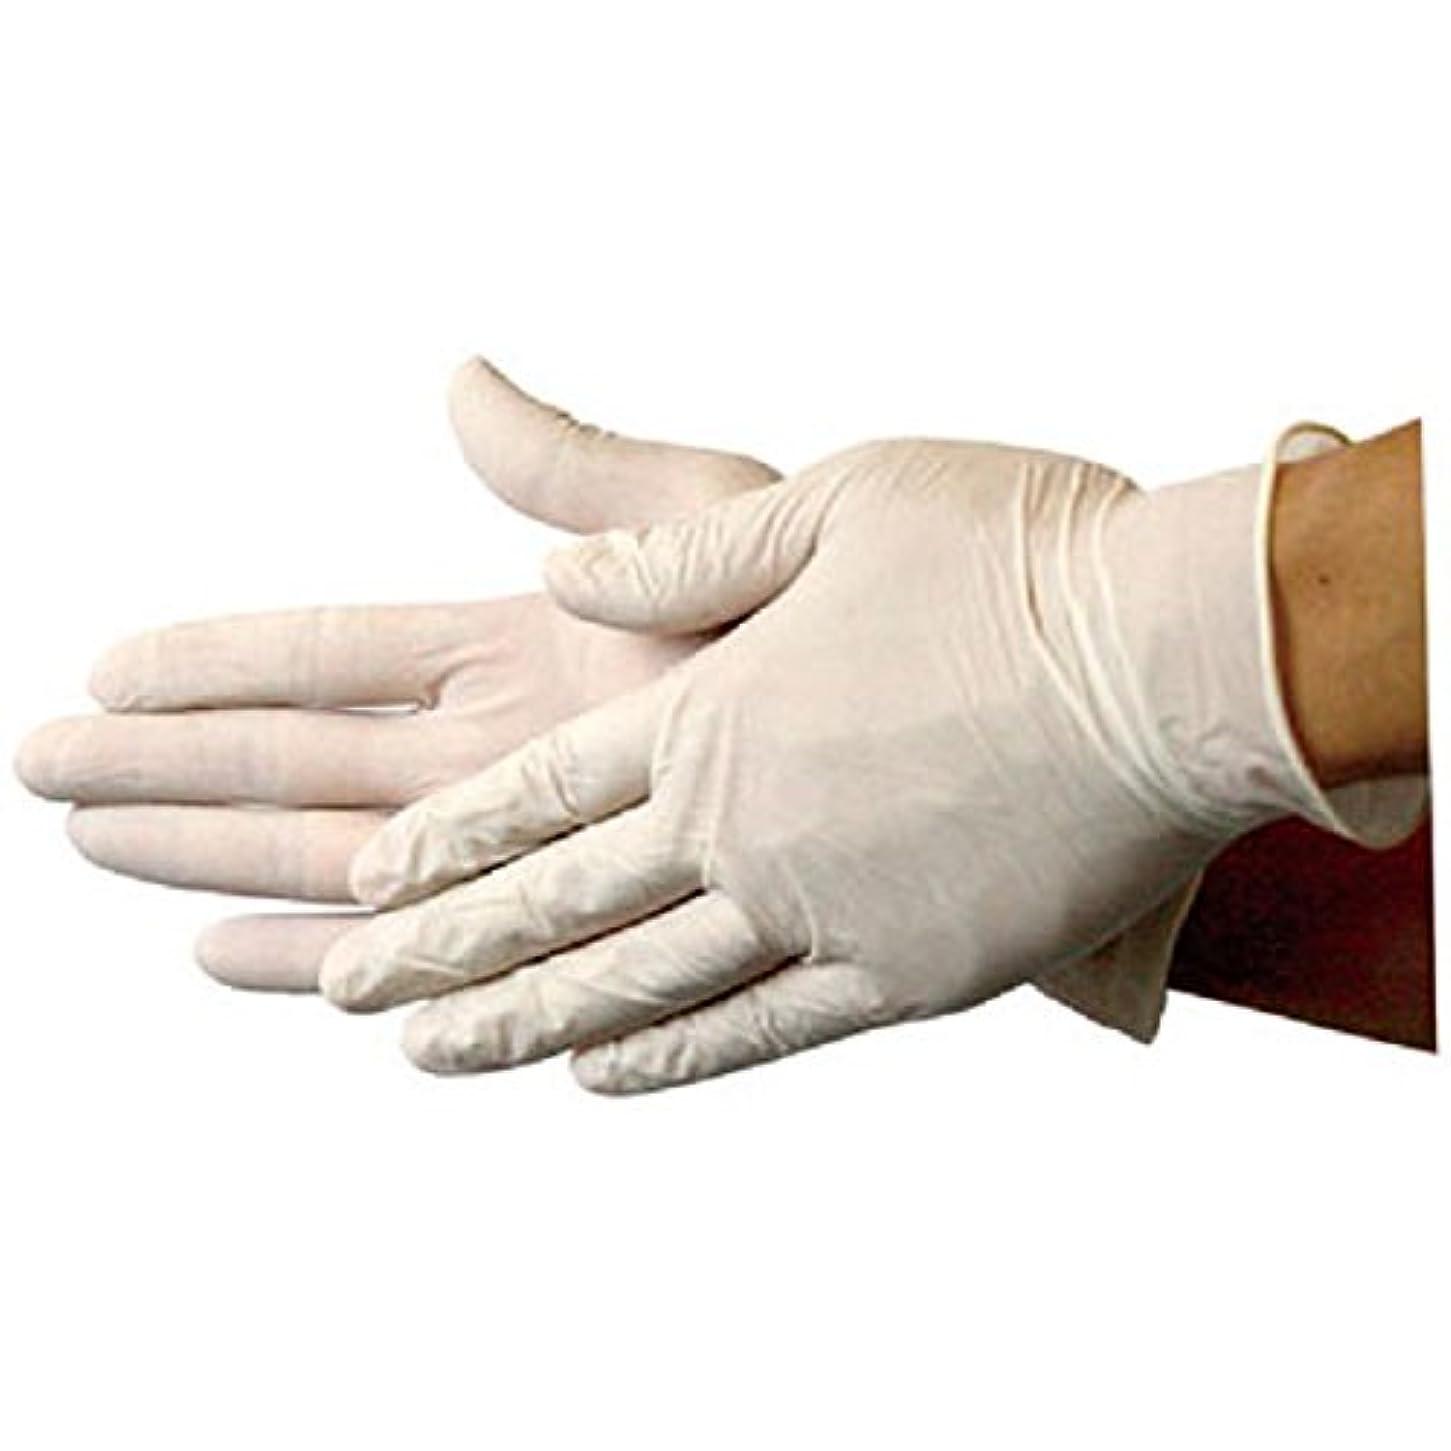 ずらすに対応有名人ラテックス手袋(S) 100枚 業務用手袋(EG?????750白)